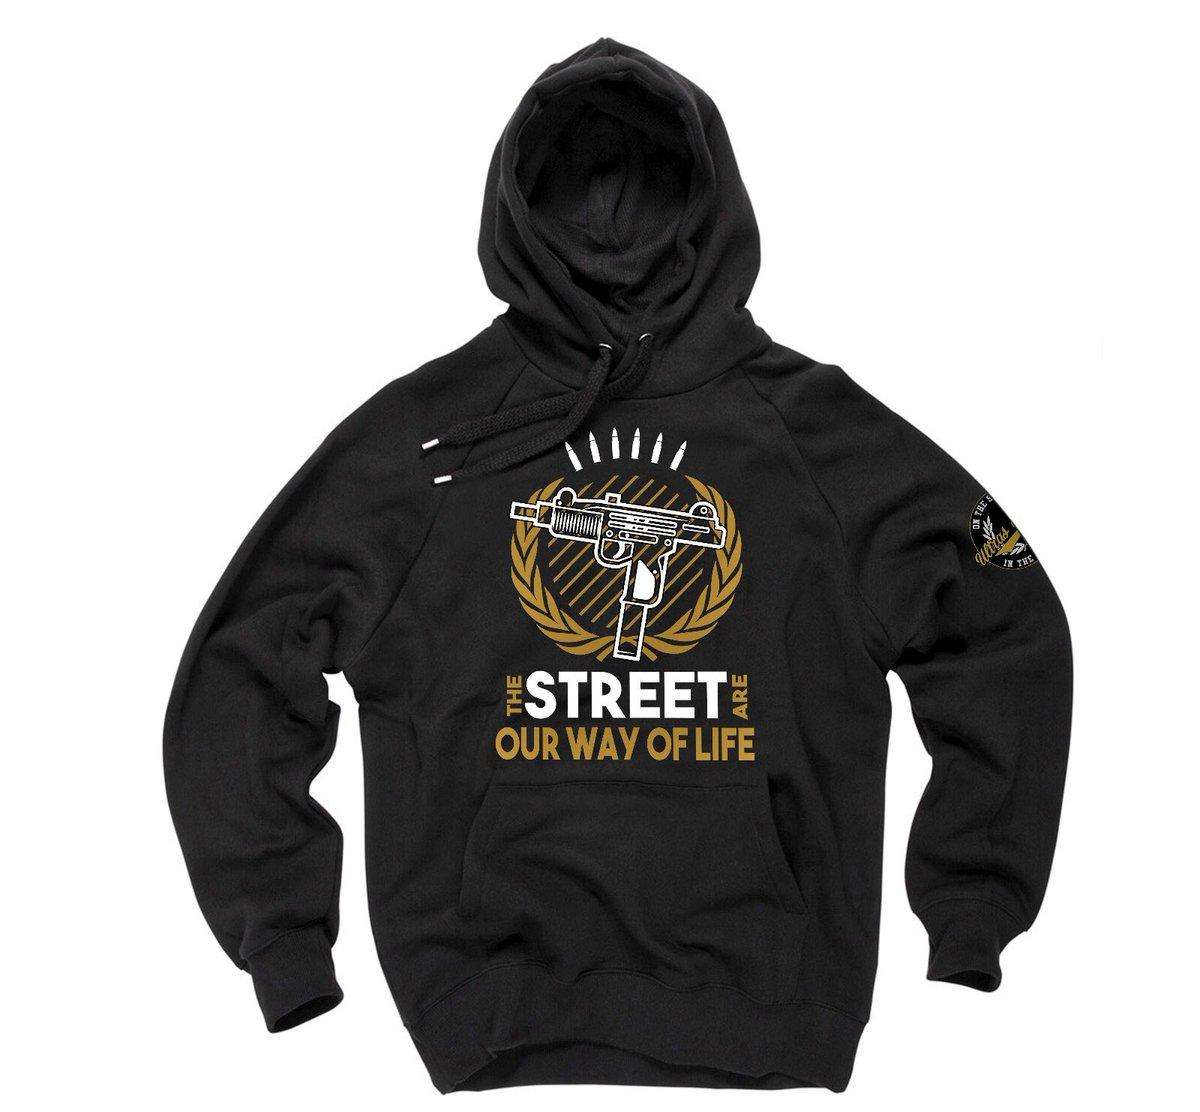 RT @UltrasMaskTr: Sokaklar bizim yaşam tarzımız! #ComingSoon #UltrasMask   RT yapan 1 kişiye hediye! https://t.co/93jIAoaIQy